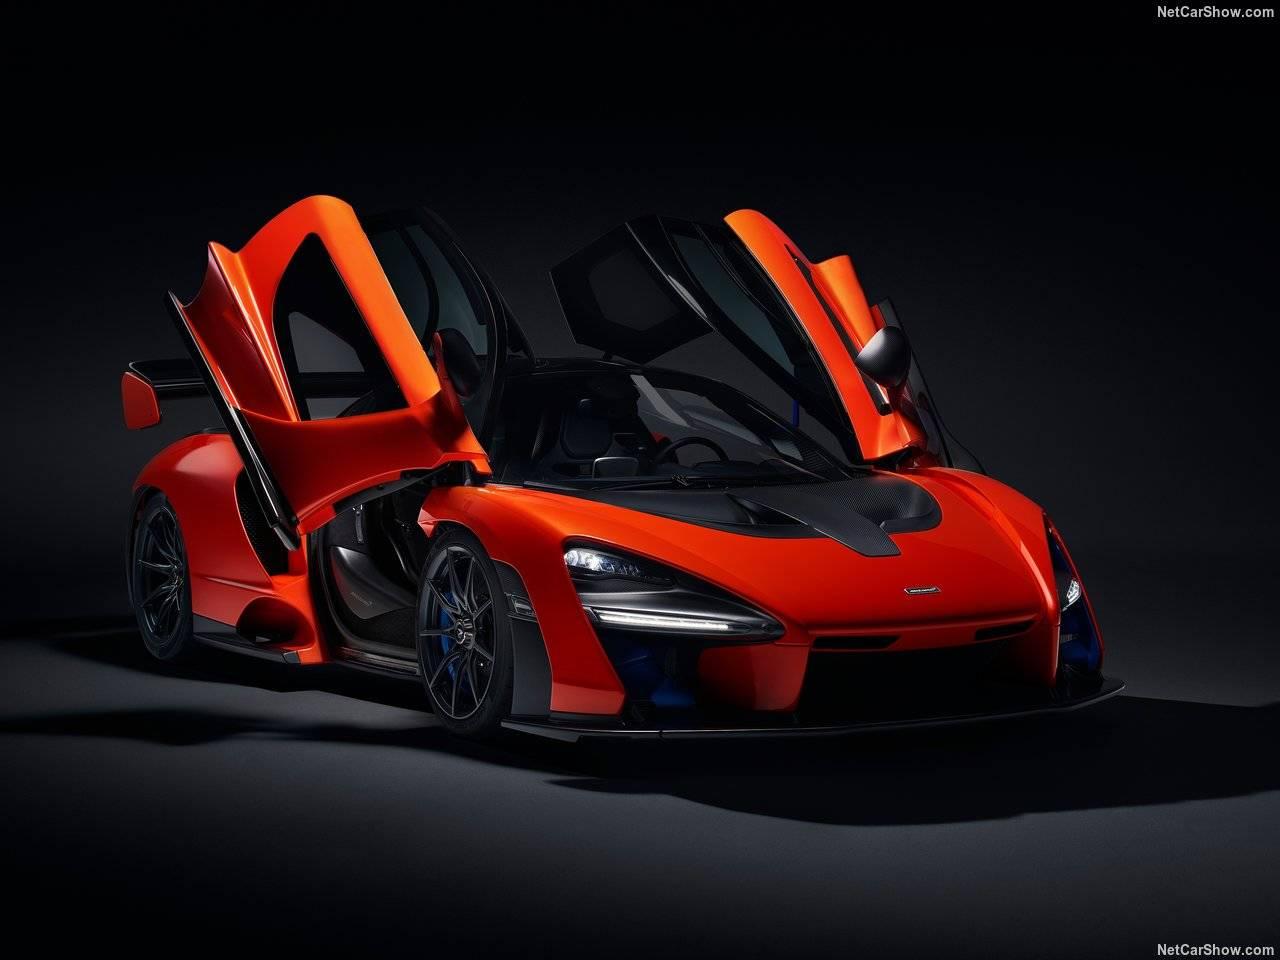 McLaren Senna(マクラーレン・セナ) が発売!あのアイルトン・セナの名前が授けられたサーキット譲りのモデル!